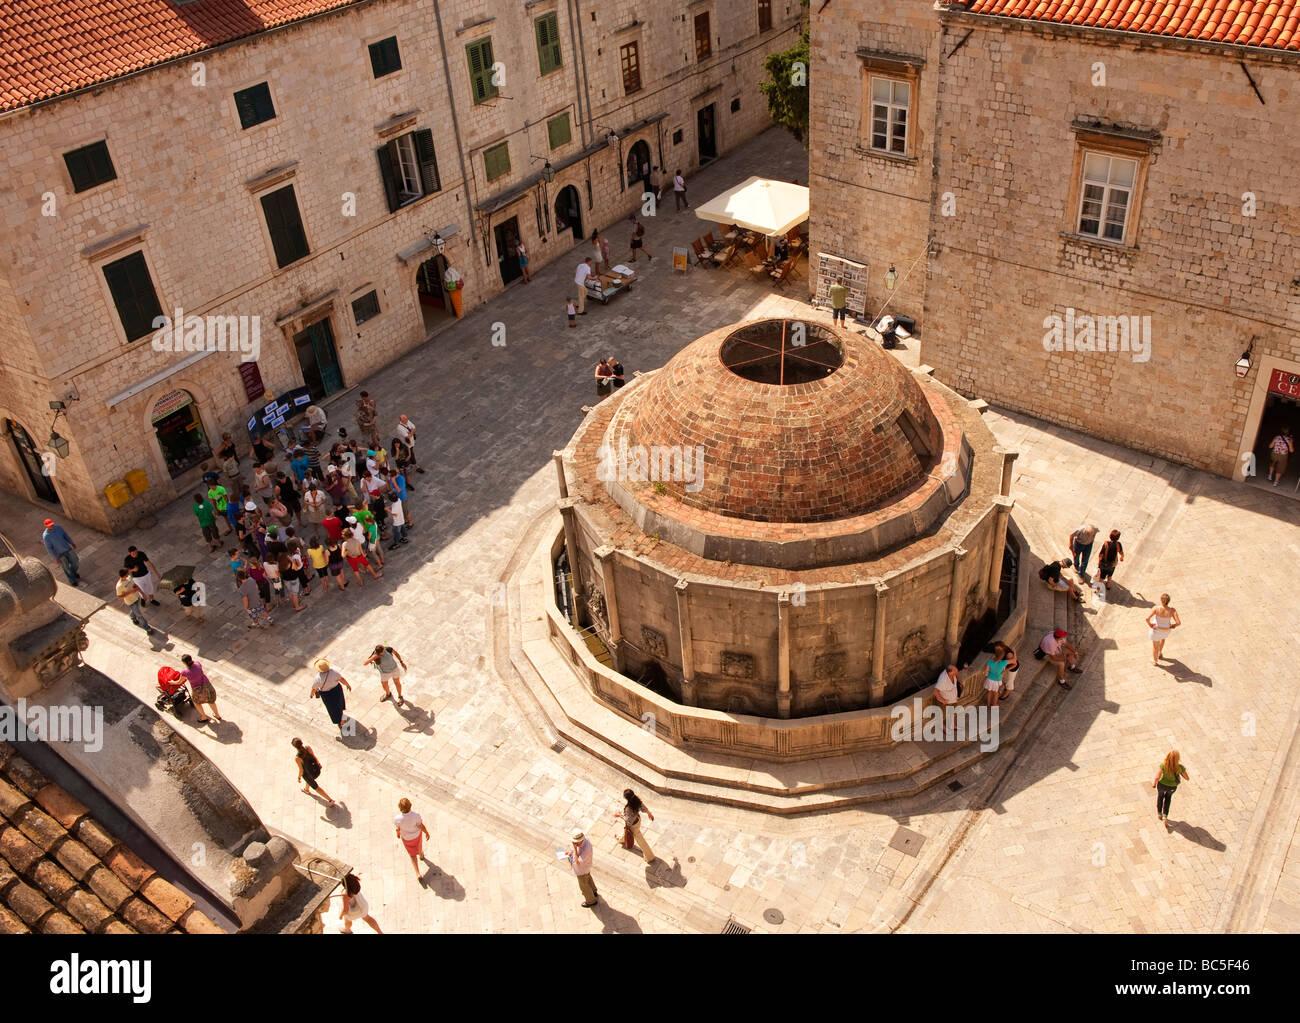 La grande fontaine d'Onofrio, près de la Porte Pile, Dubrovnik, Croatie, extraite du mur de la ville. Banque D'Images